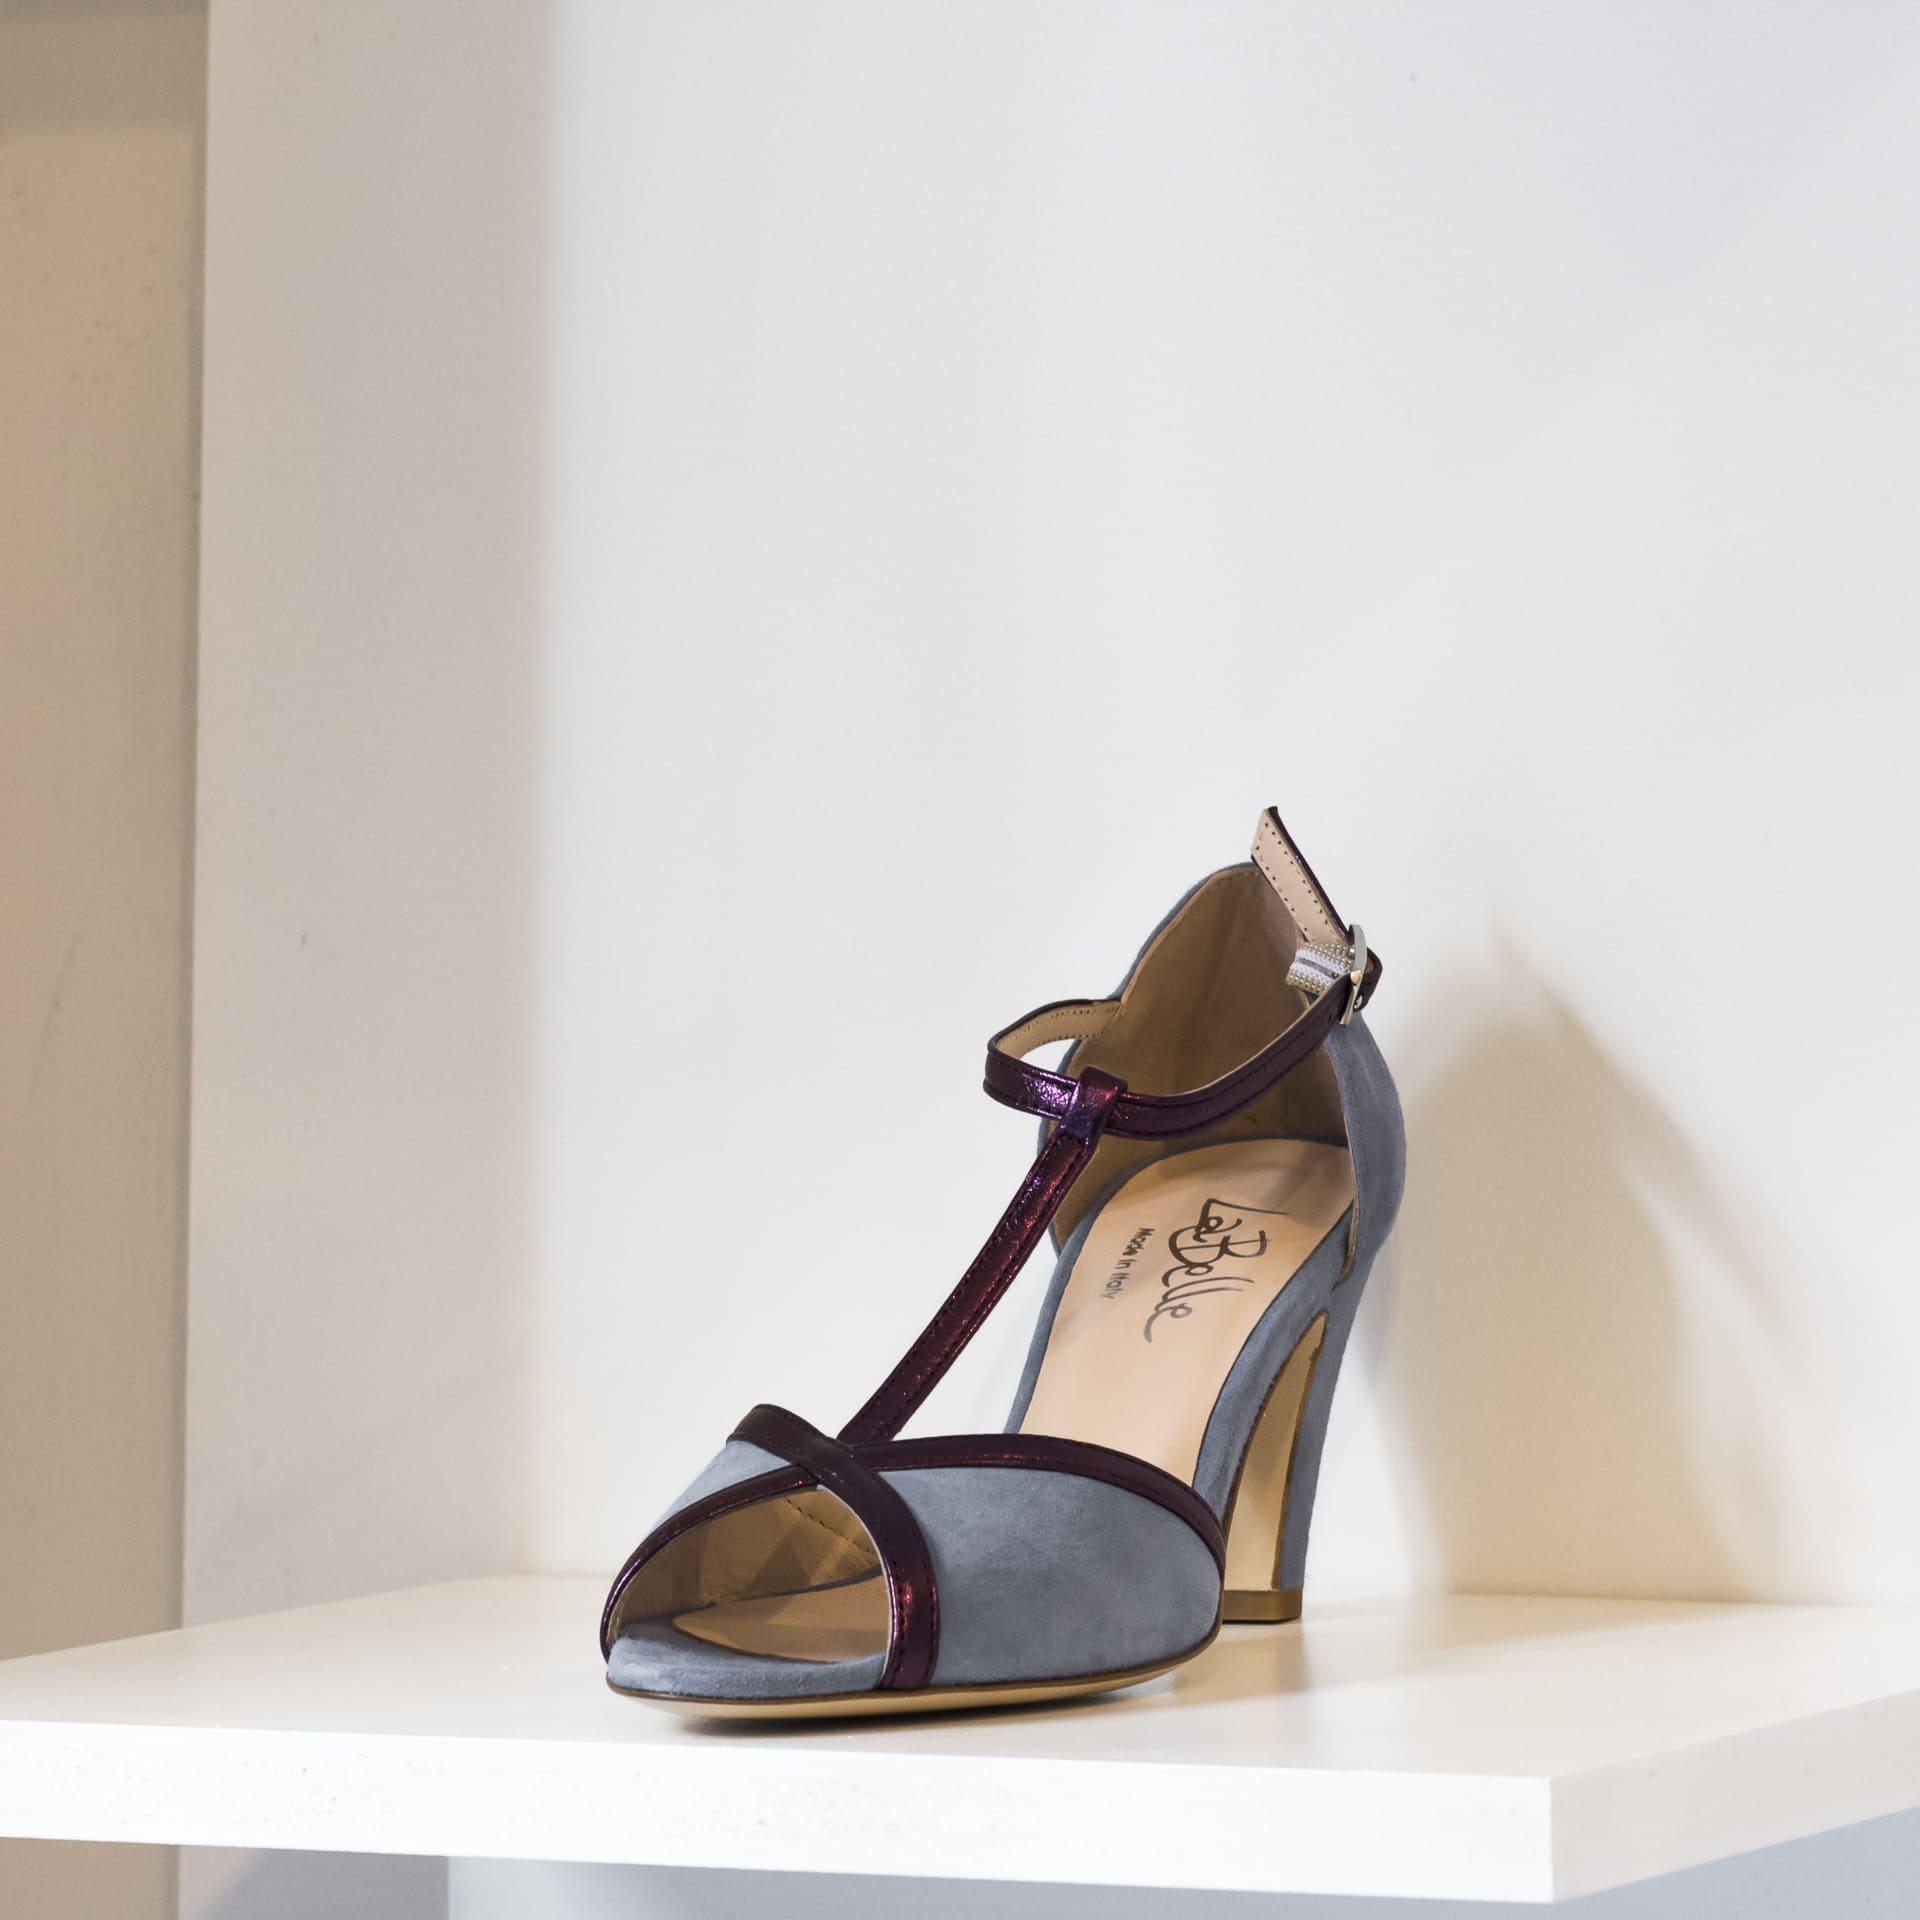 La Belle Shoes sandalo tango (1)